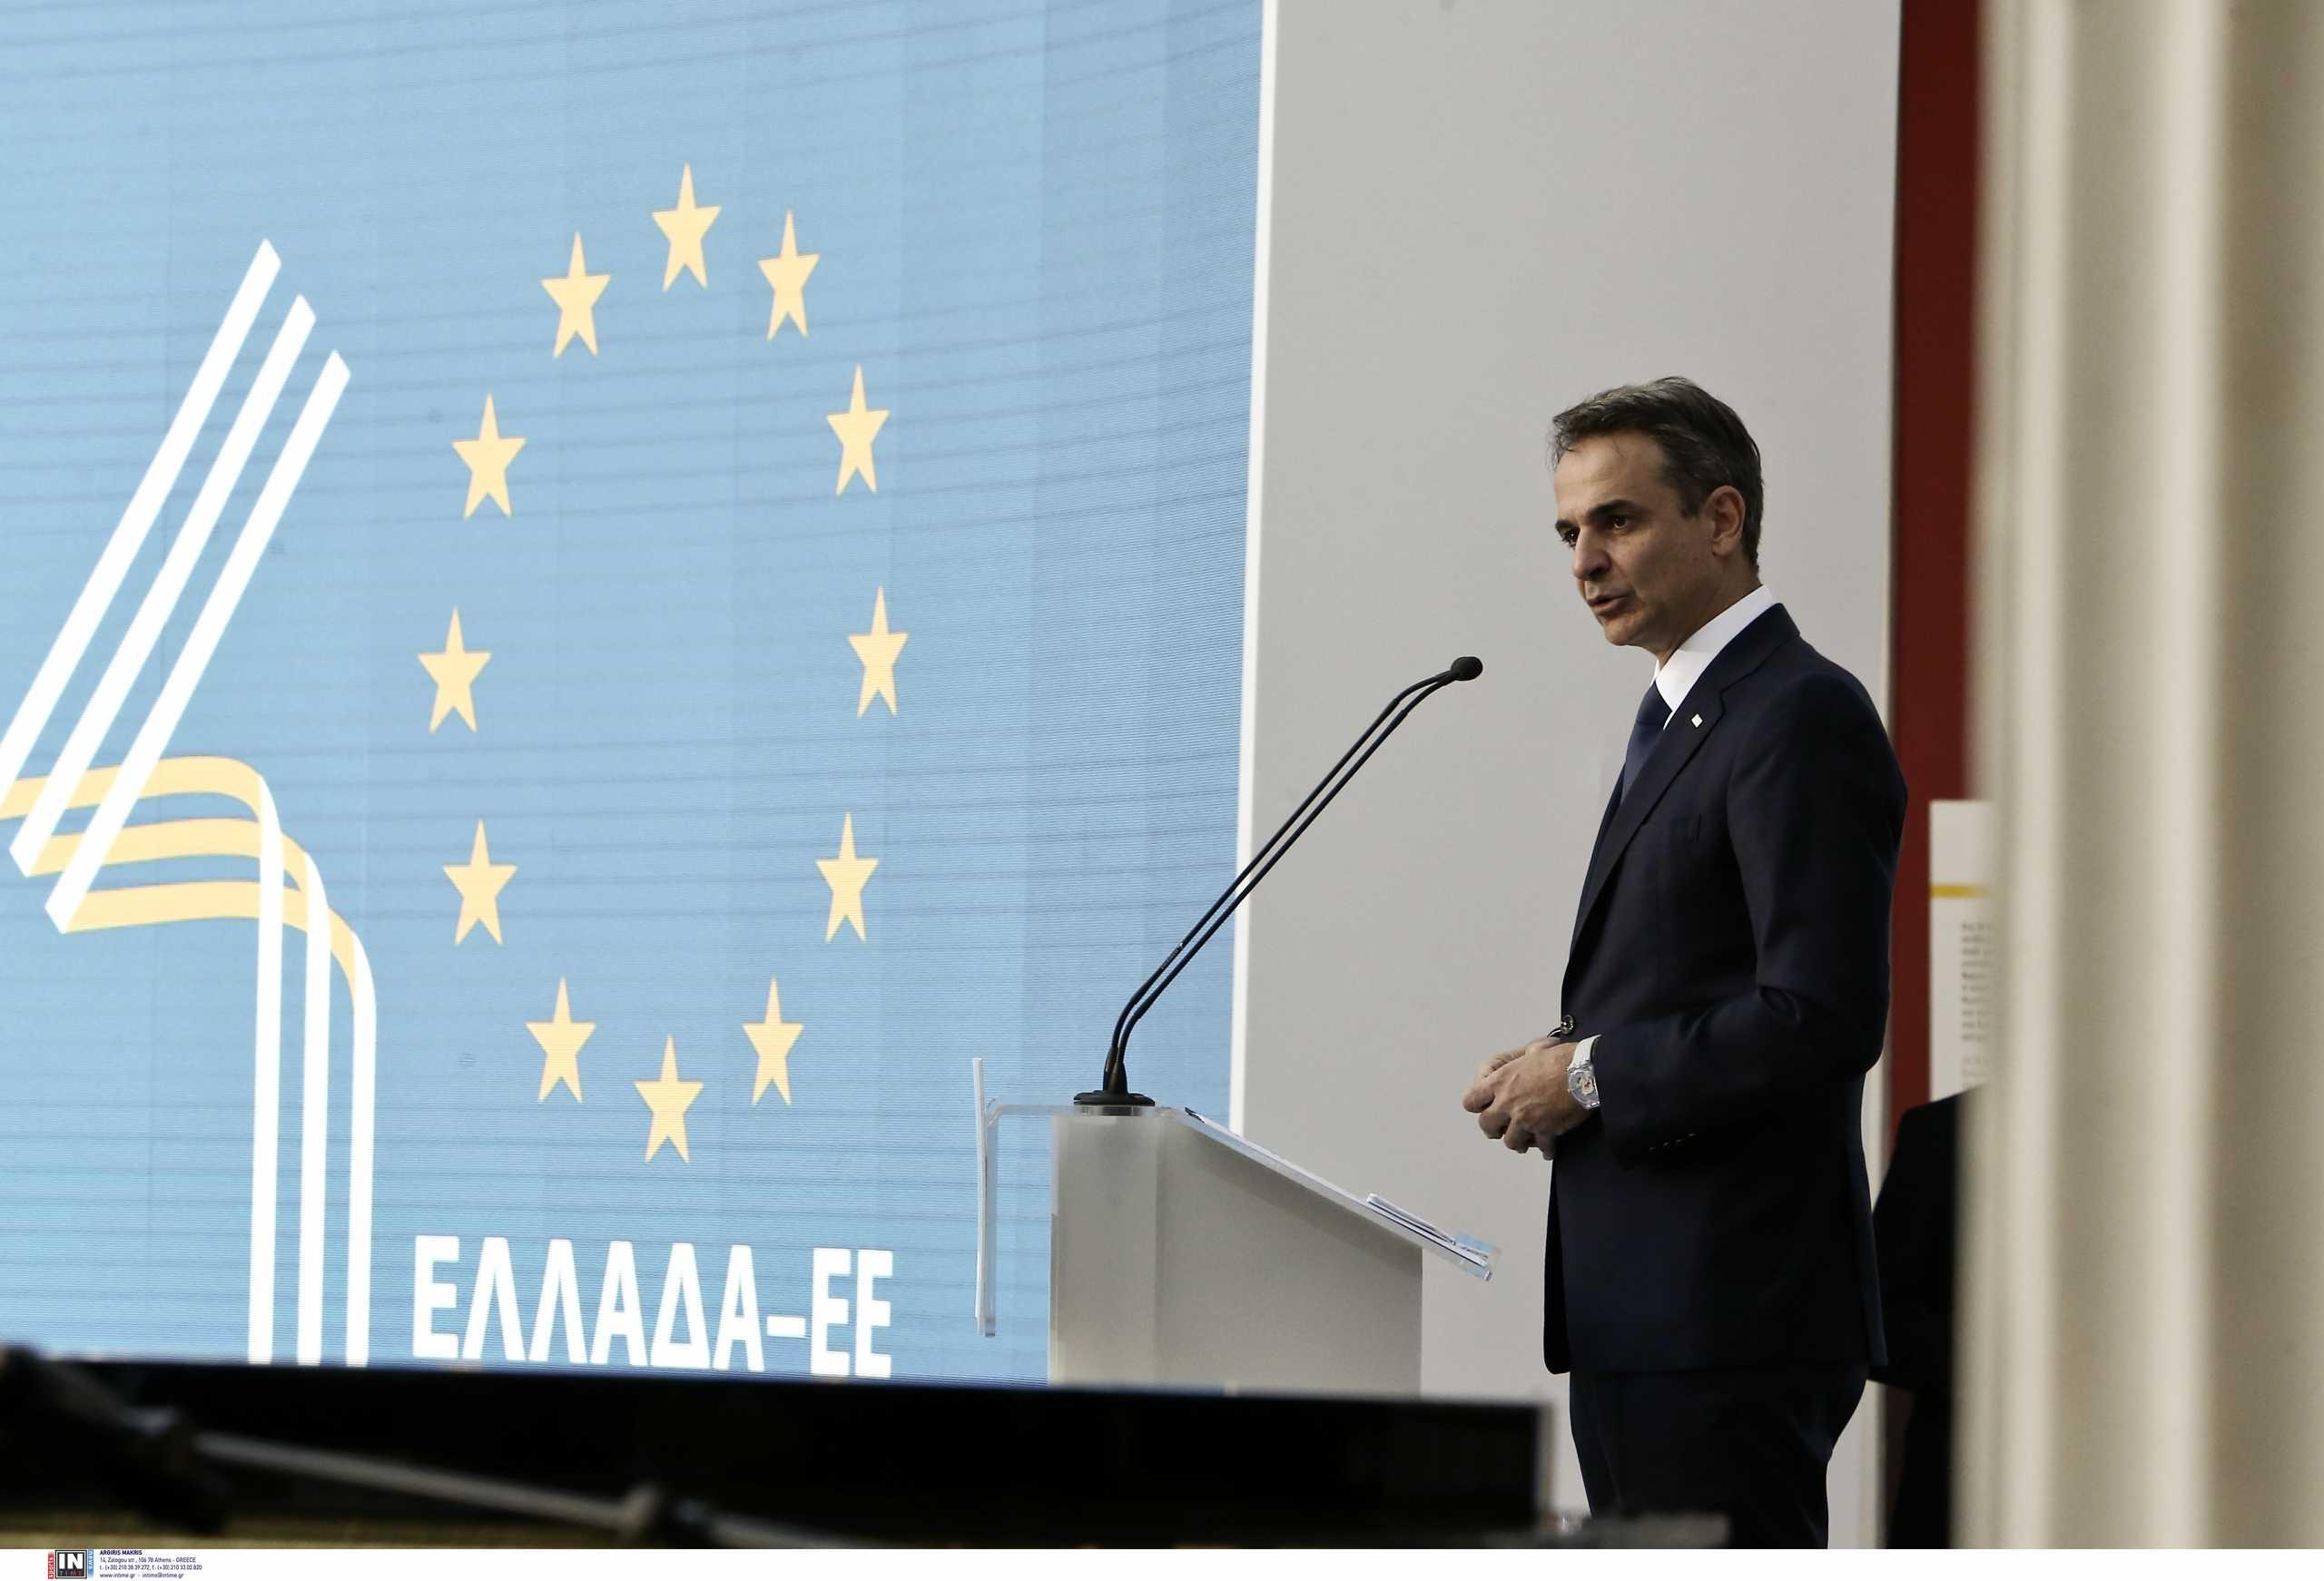 40 χρόνια από την ένταξη της Ελλάδας στην ΕΟΚ – Μητσοτάκης: Σήμερα η Ελλάδα είναι πρωταγωνιστής με αξιοπιστία και ισχύ